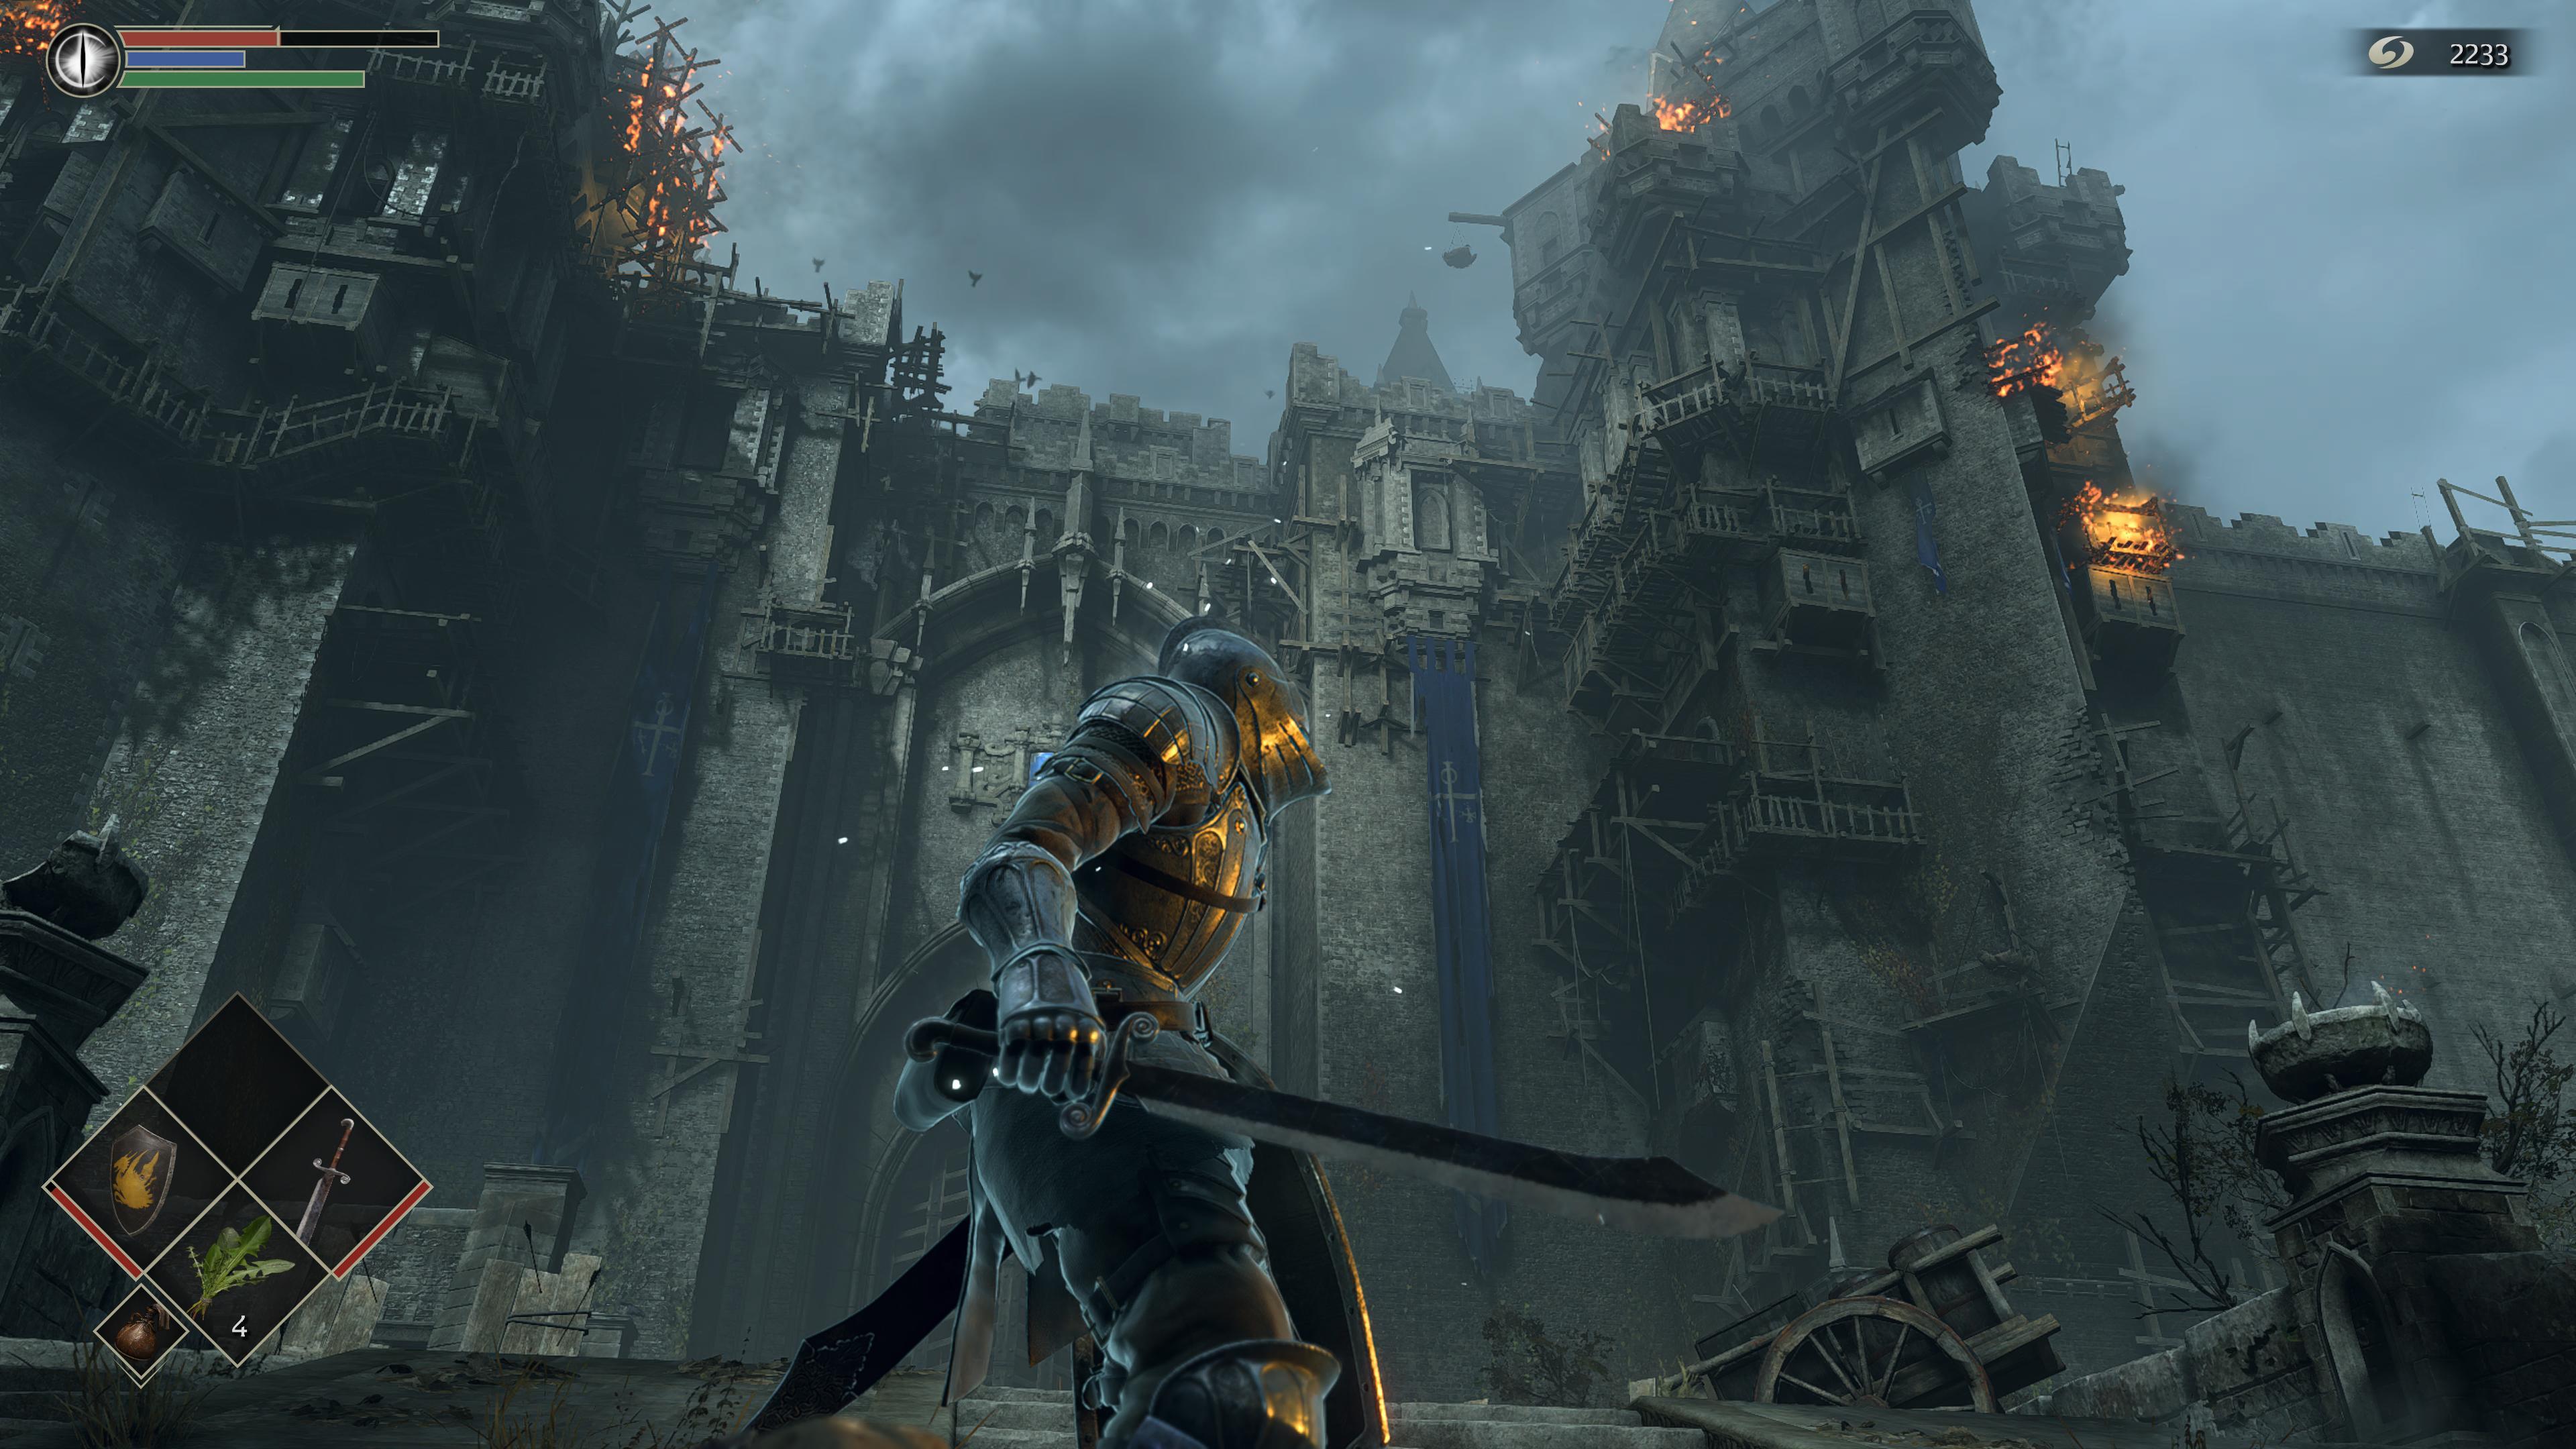 В ремейке Demon's Souls очень реалистично ощущаются удары мечао каменную стену /скриншот